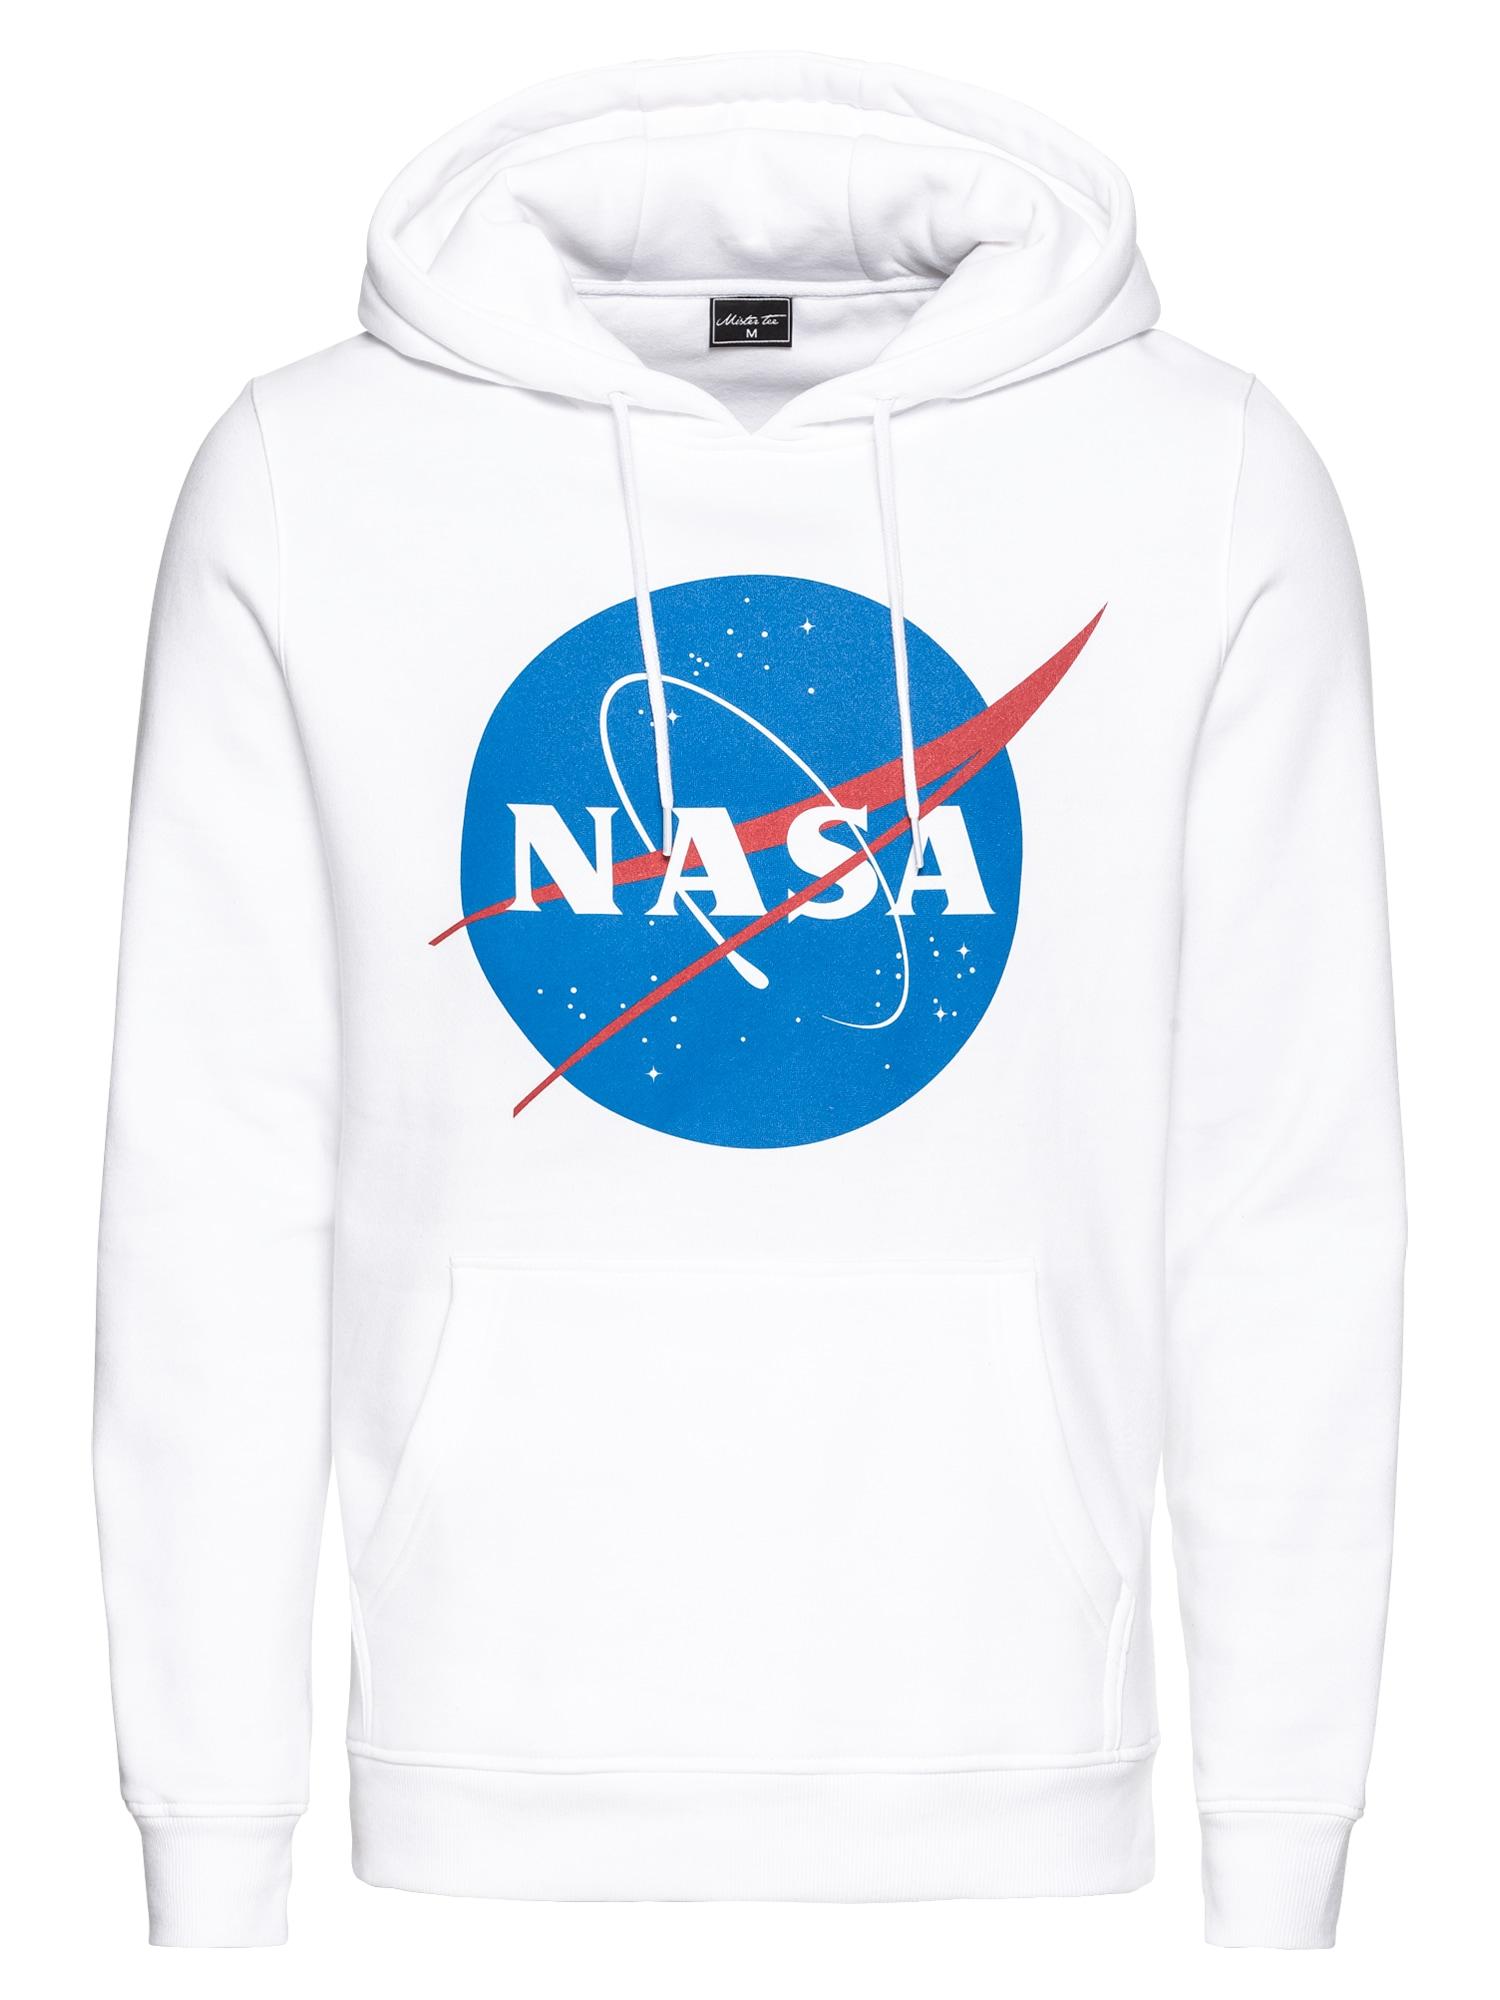 Mikina NASA modrá červená bílá Mister Tee